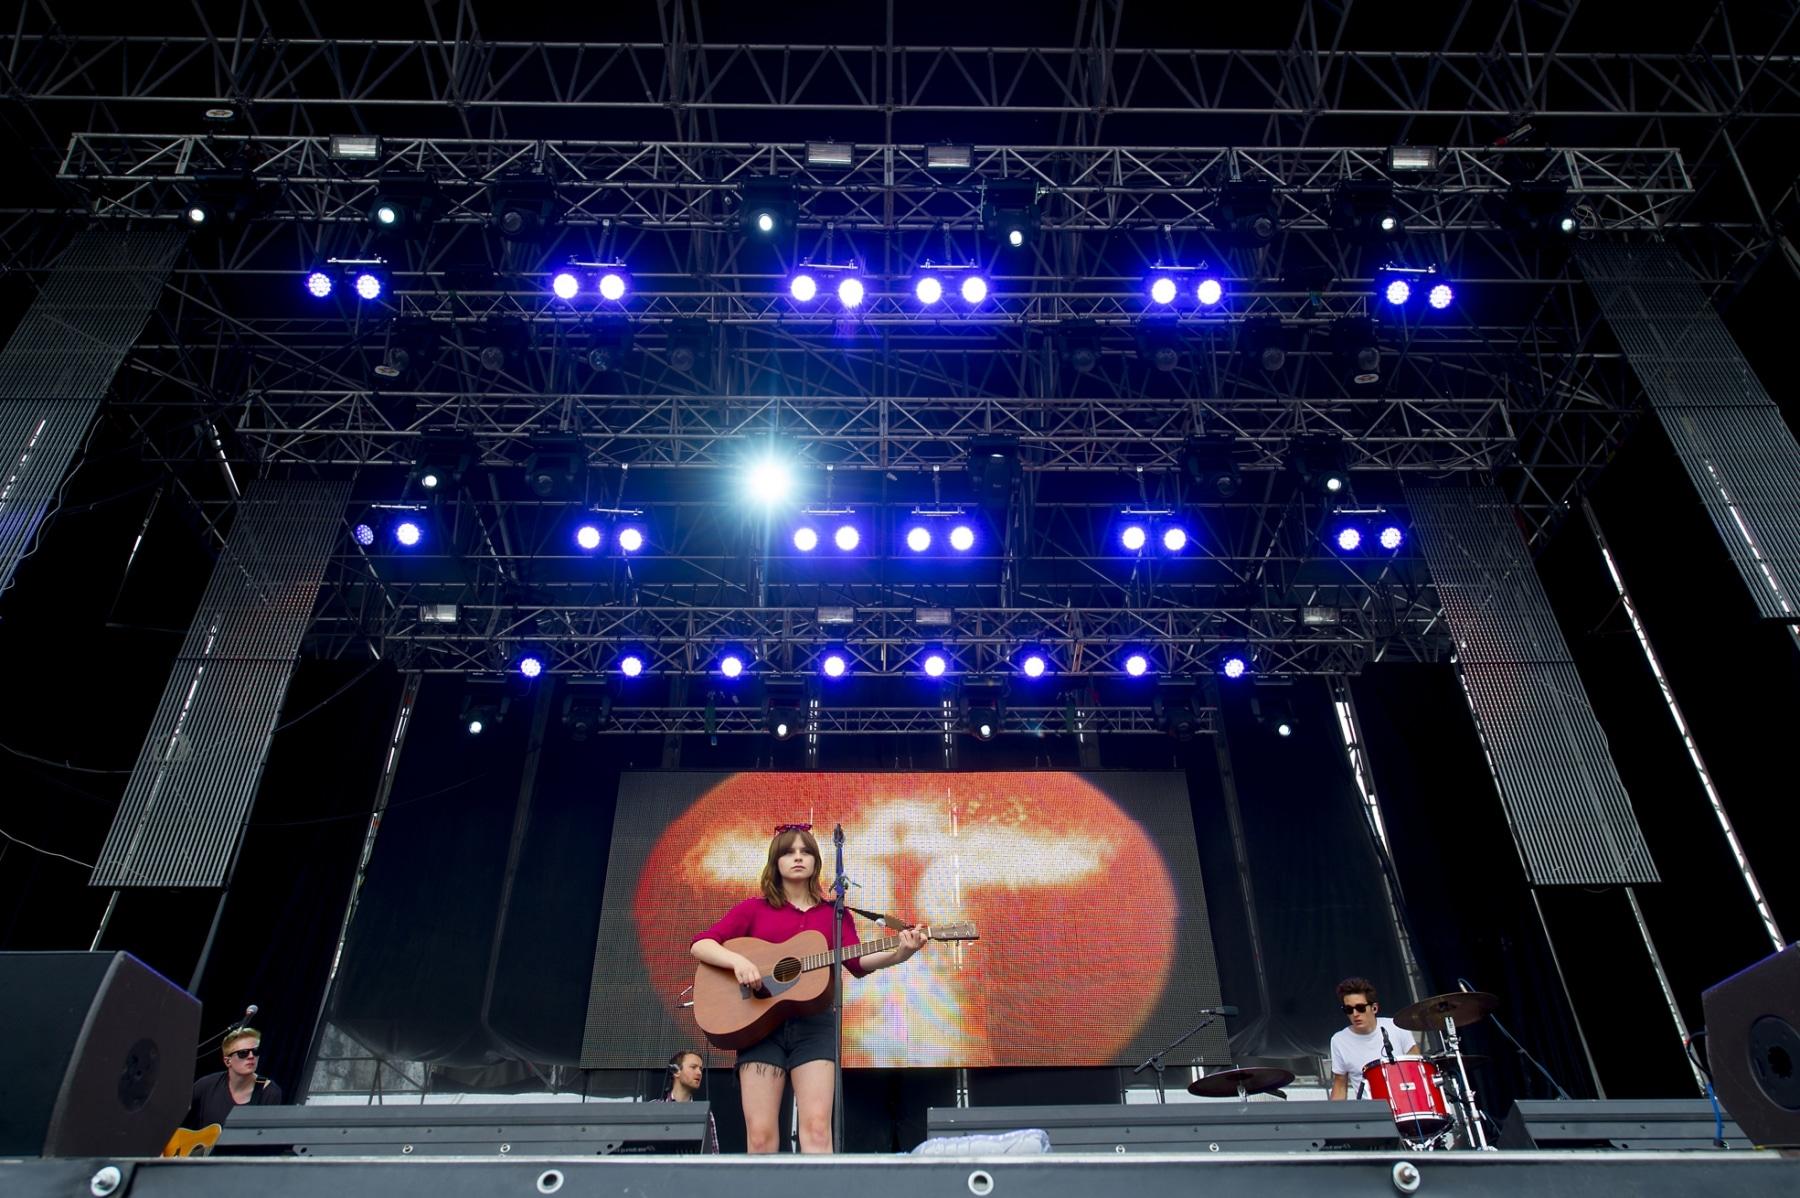 gibraltar-music-festival-2013-gabrielle-aplin_9702988984_o